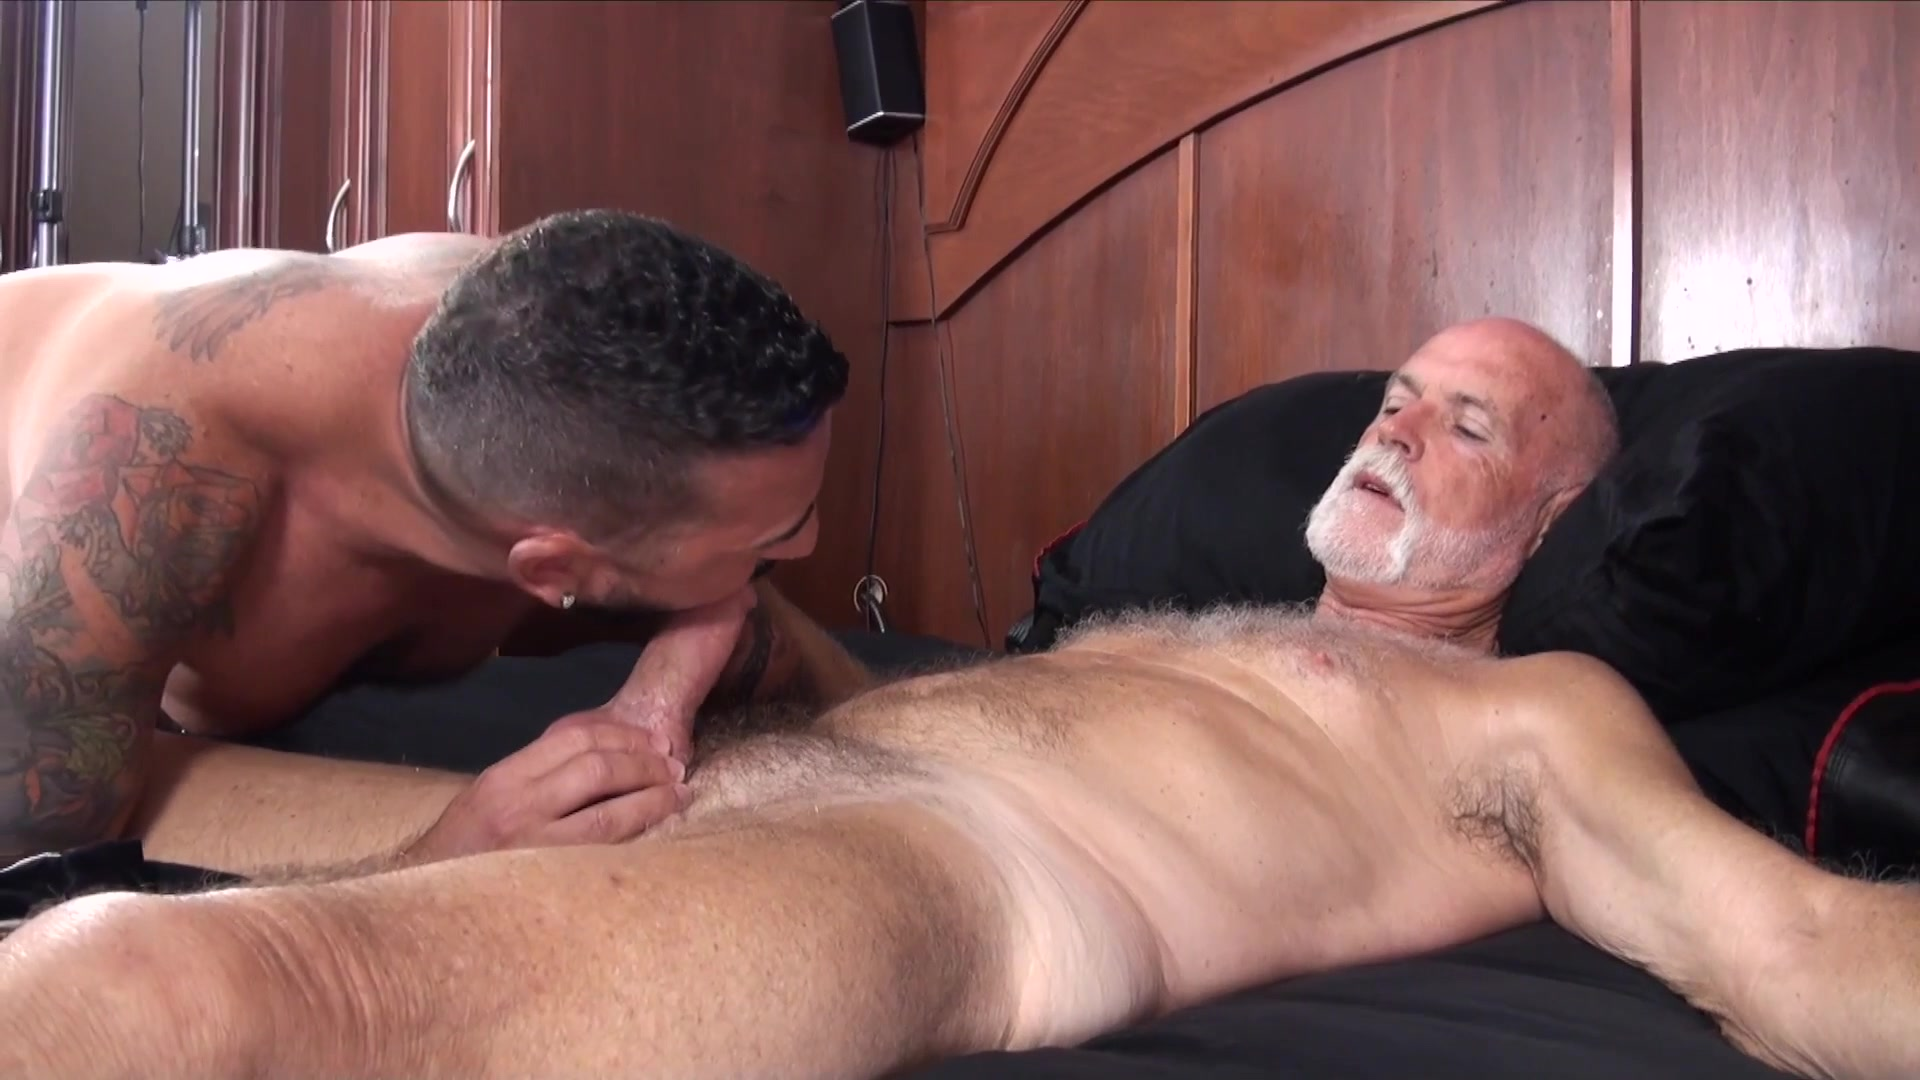 porno gay older 4 me videos completos